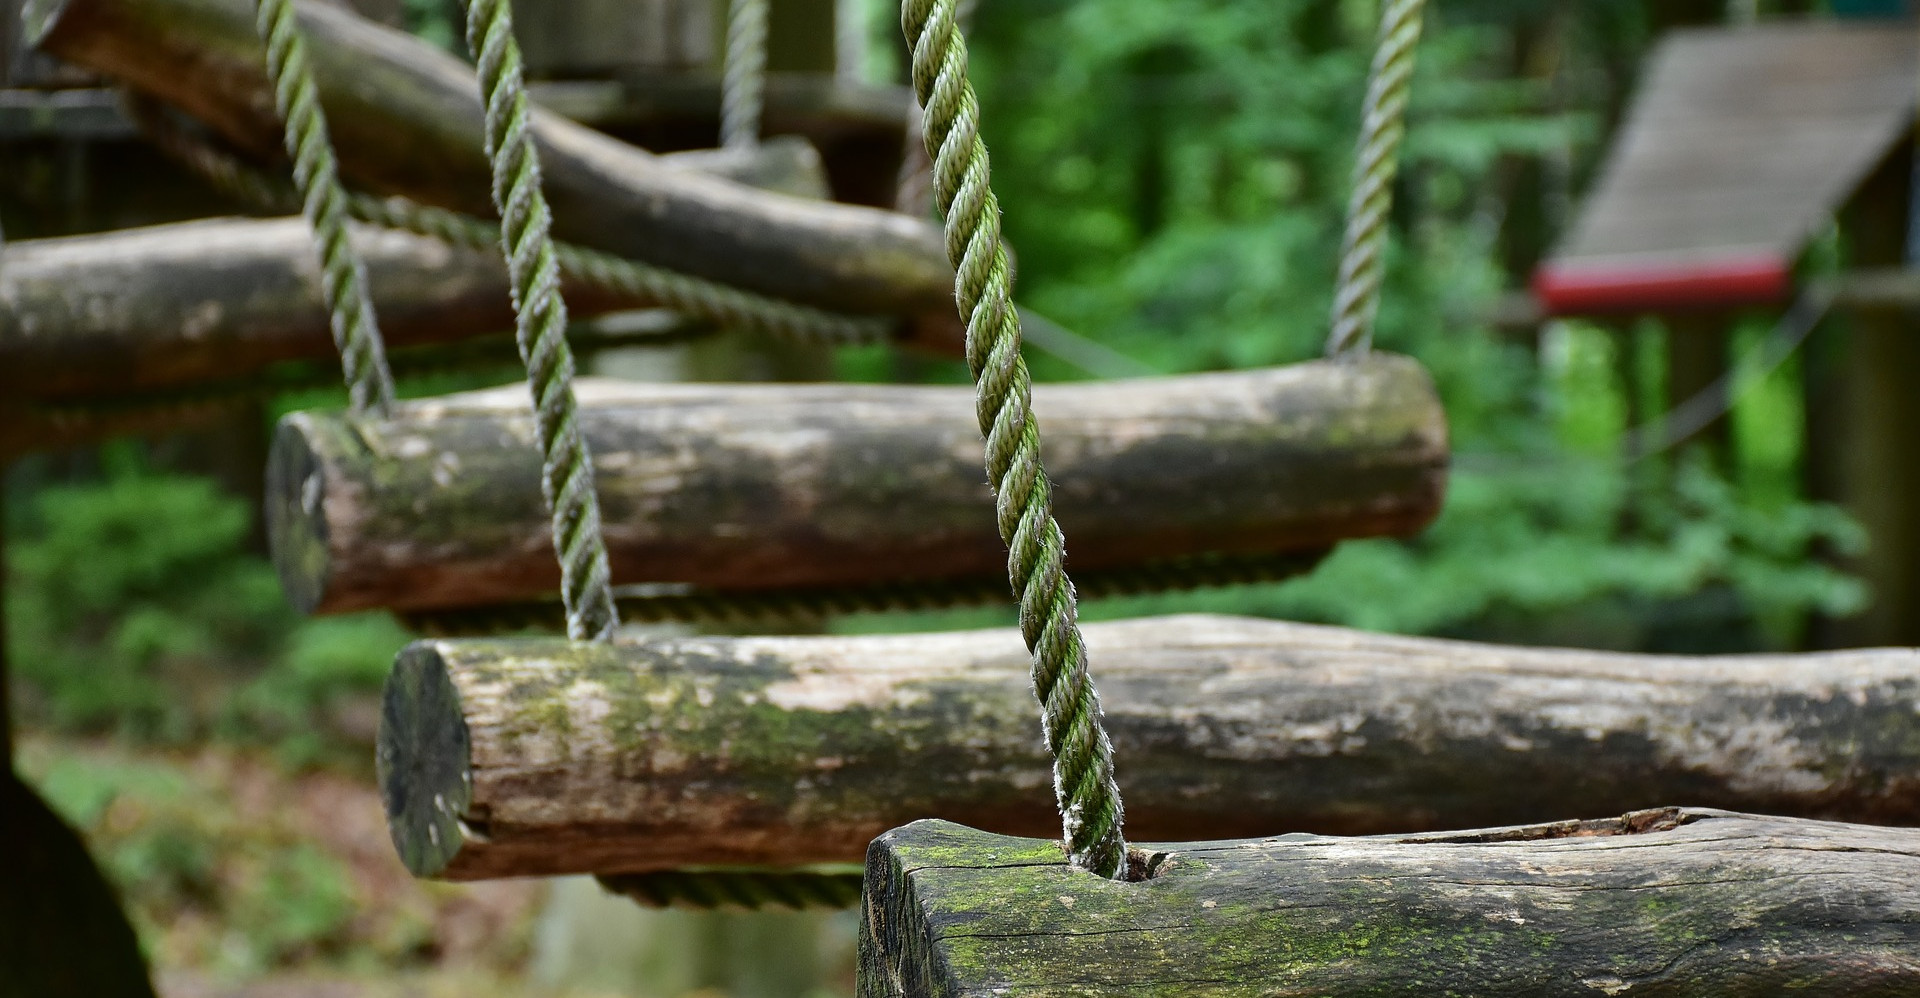 POLAŃCZYK: W parku linowym powiesił się 40-letni mężczyzna